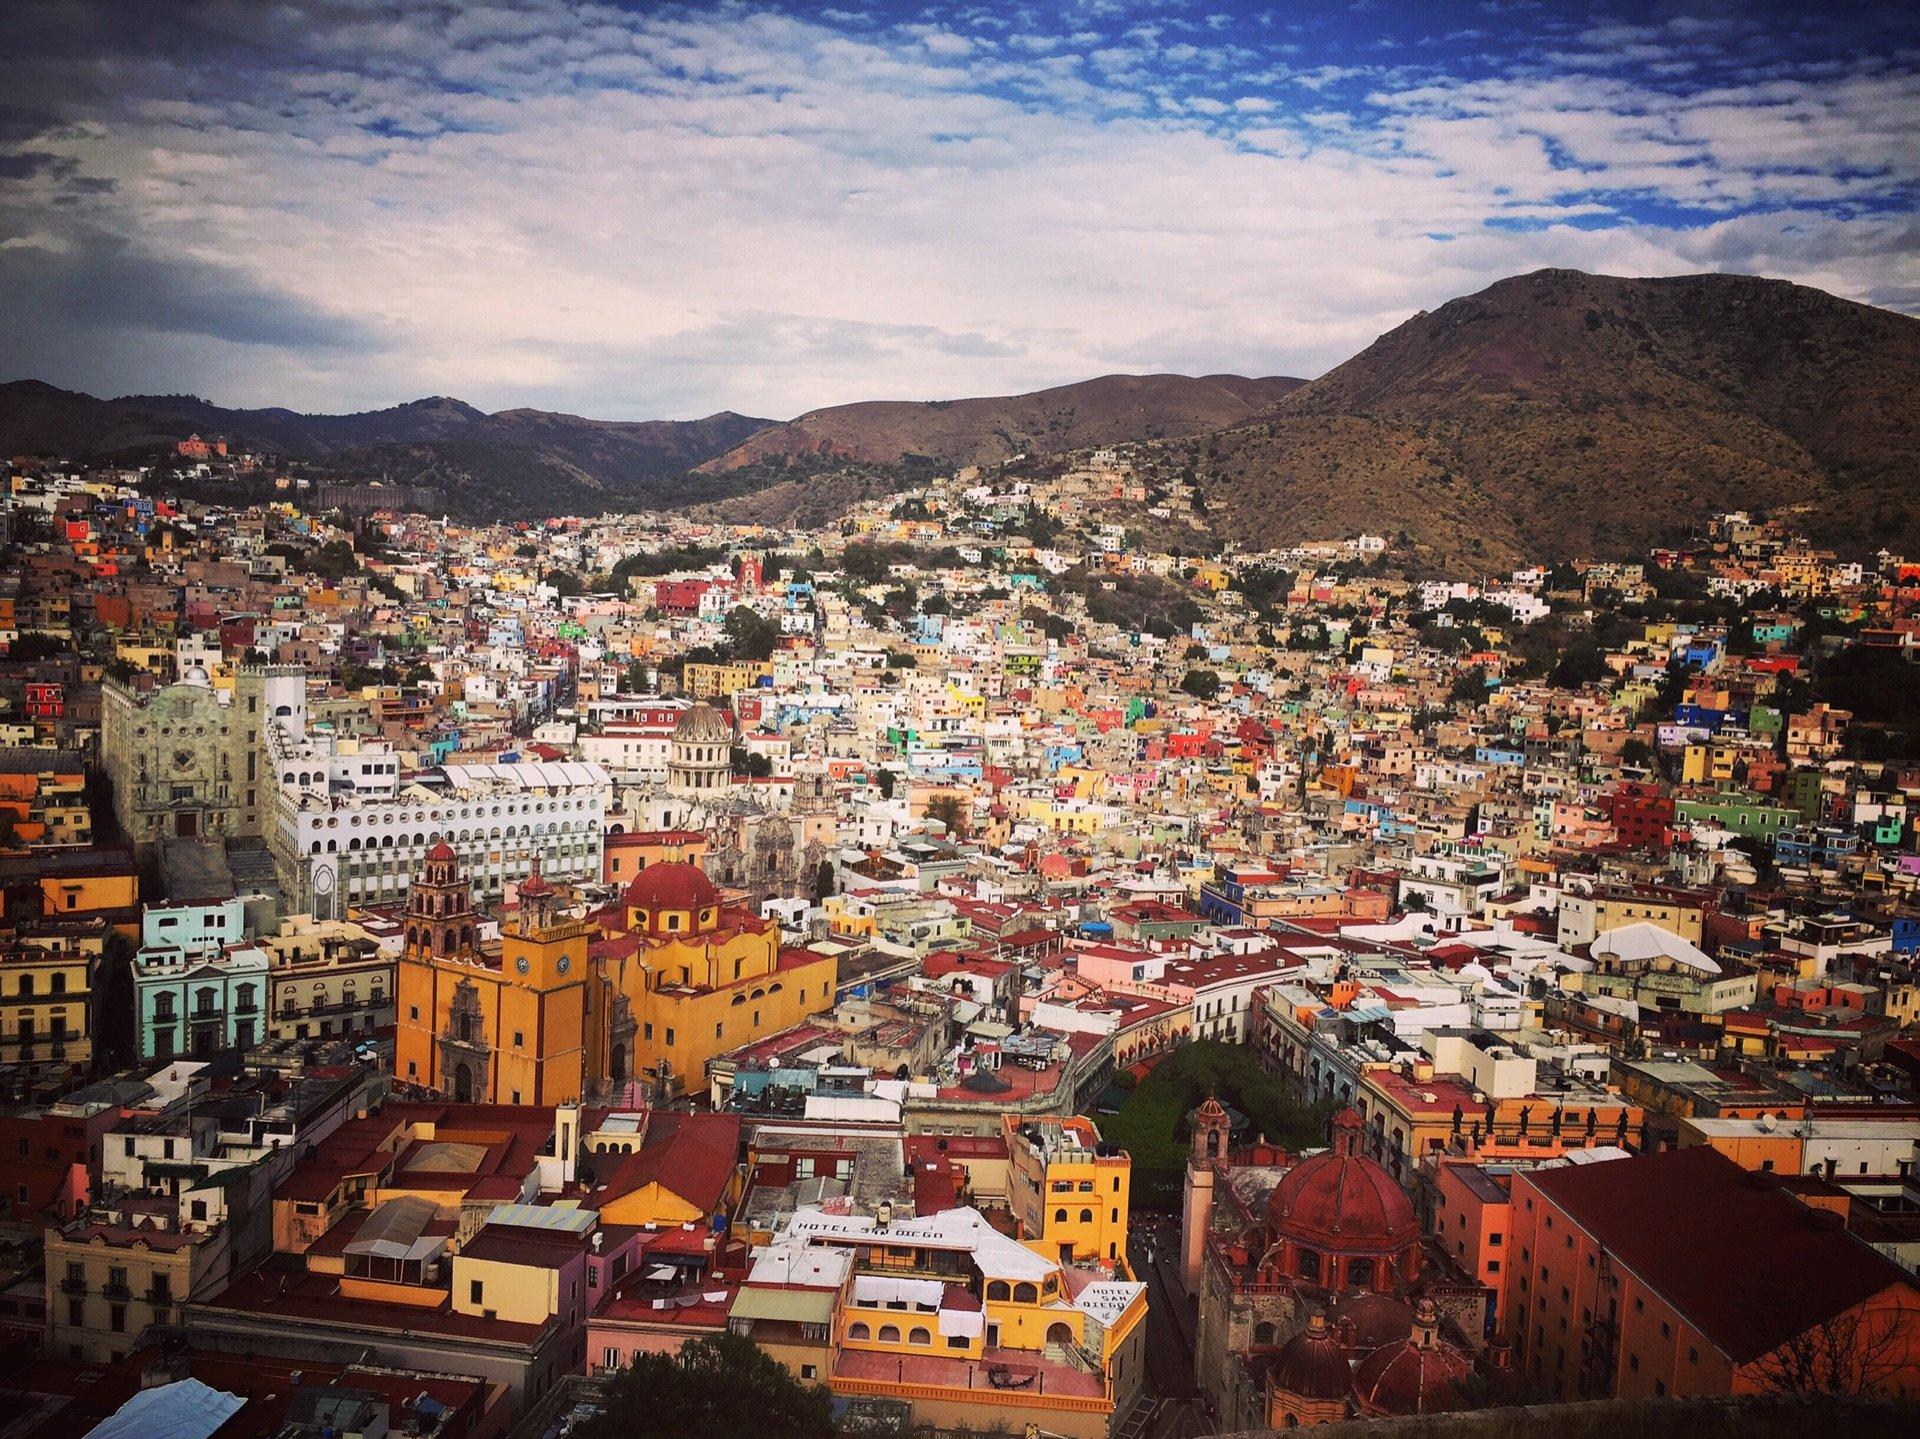 墨西哥三城记—— 十二天坎昆,瓜纳华托,墨西哥城之旅